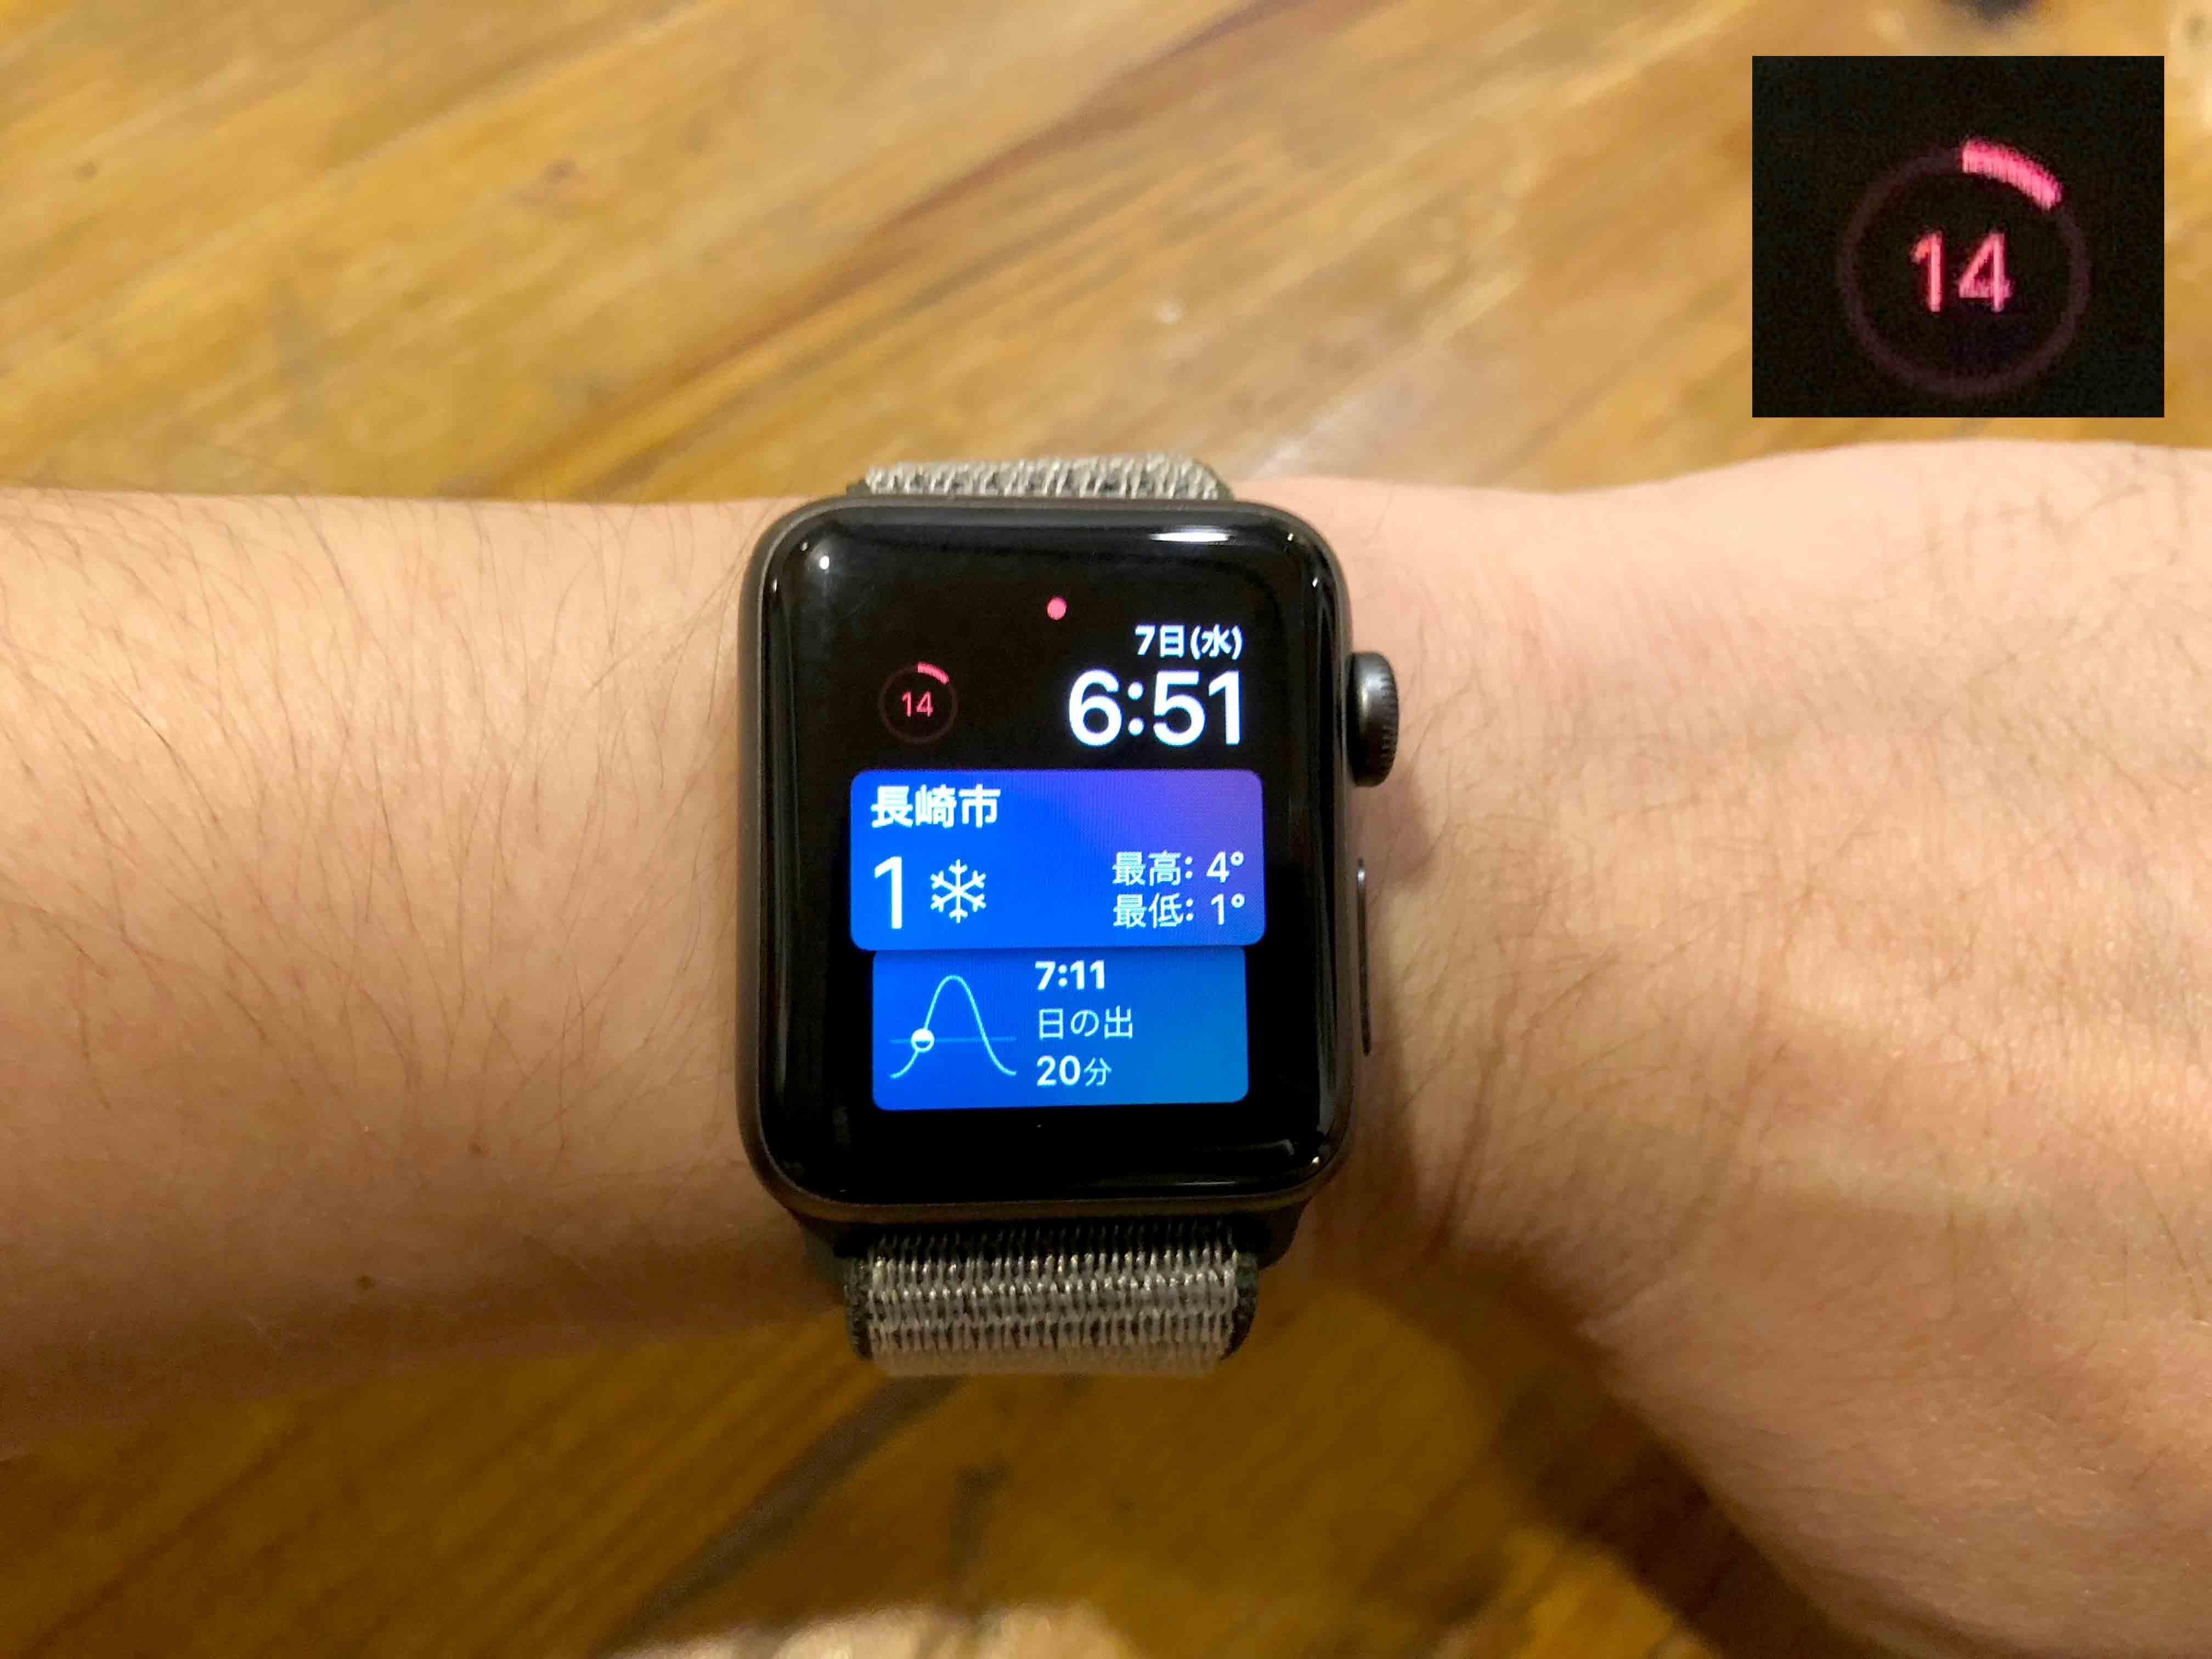 AppleWatchバッテリー14%に関する写真.